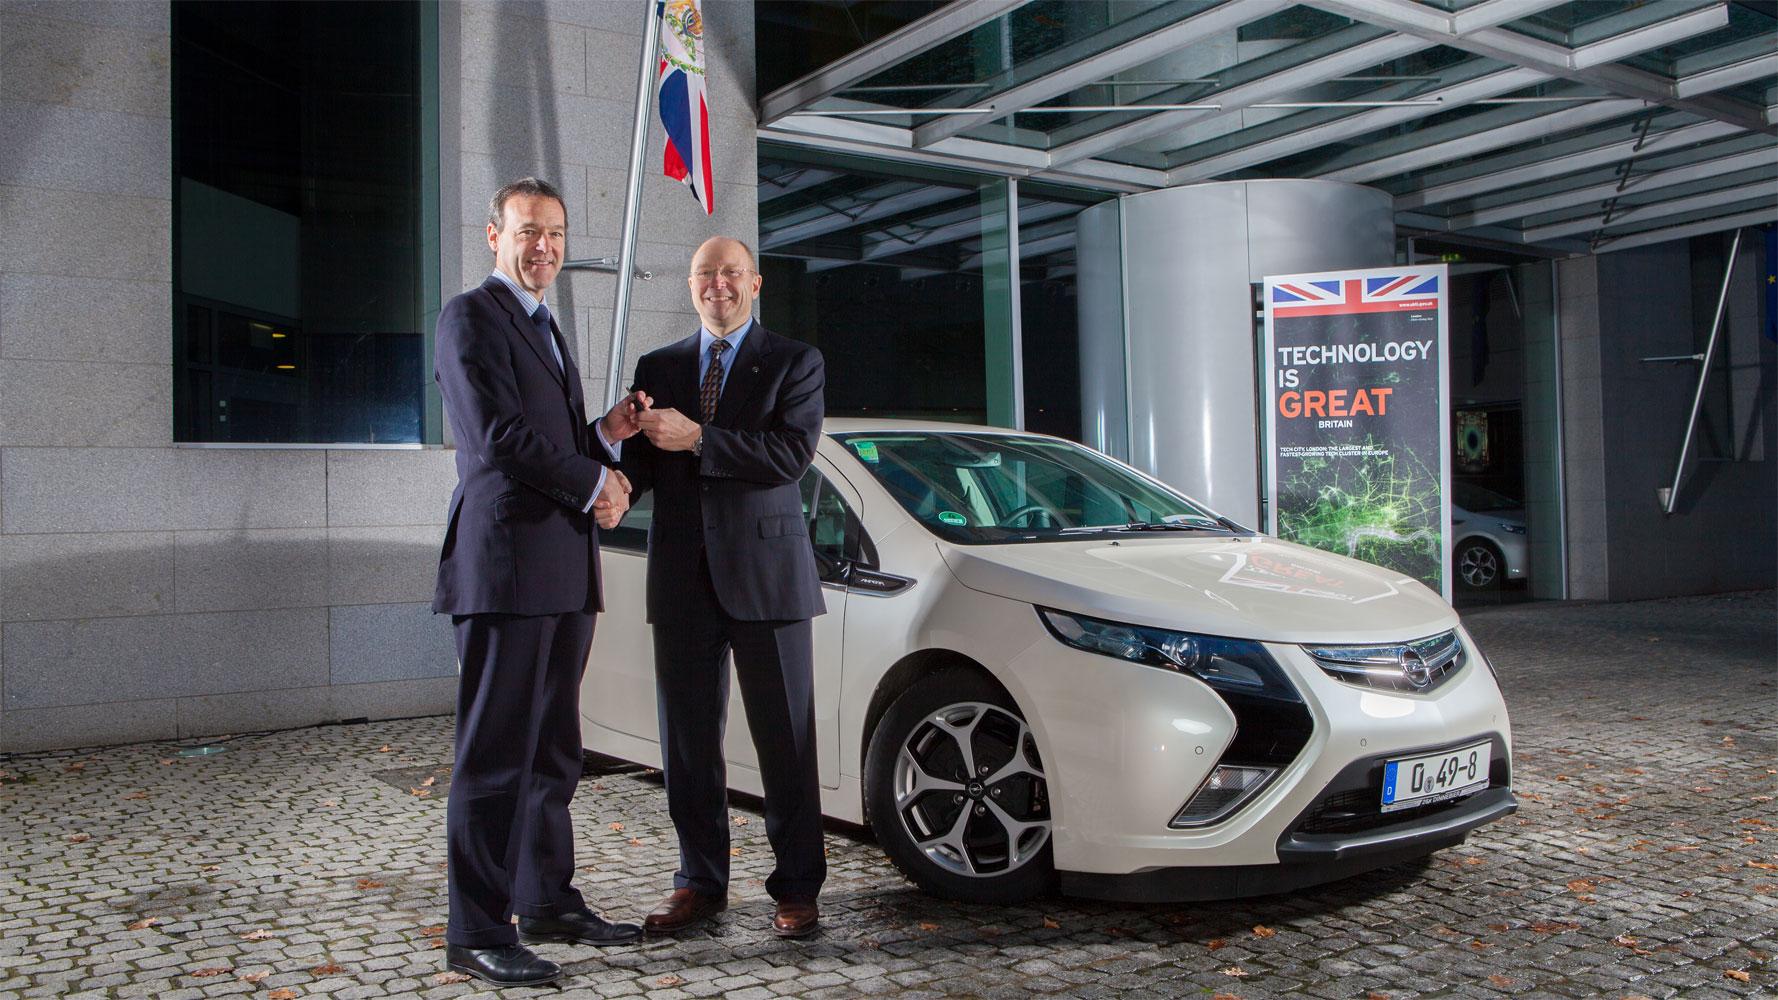 Die britische Botschaft fährt Opel Ampera